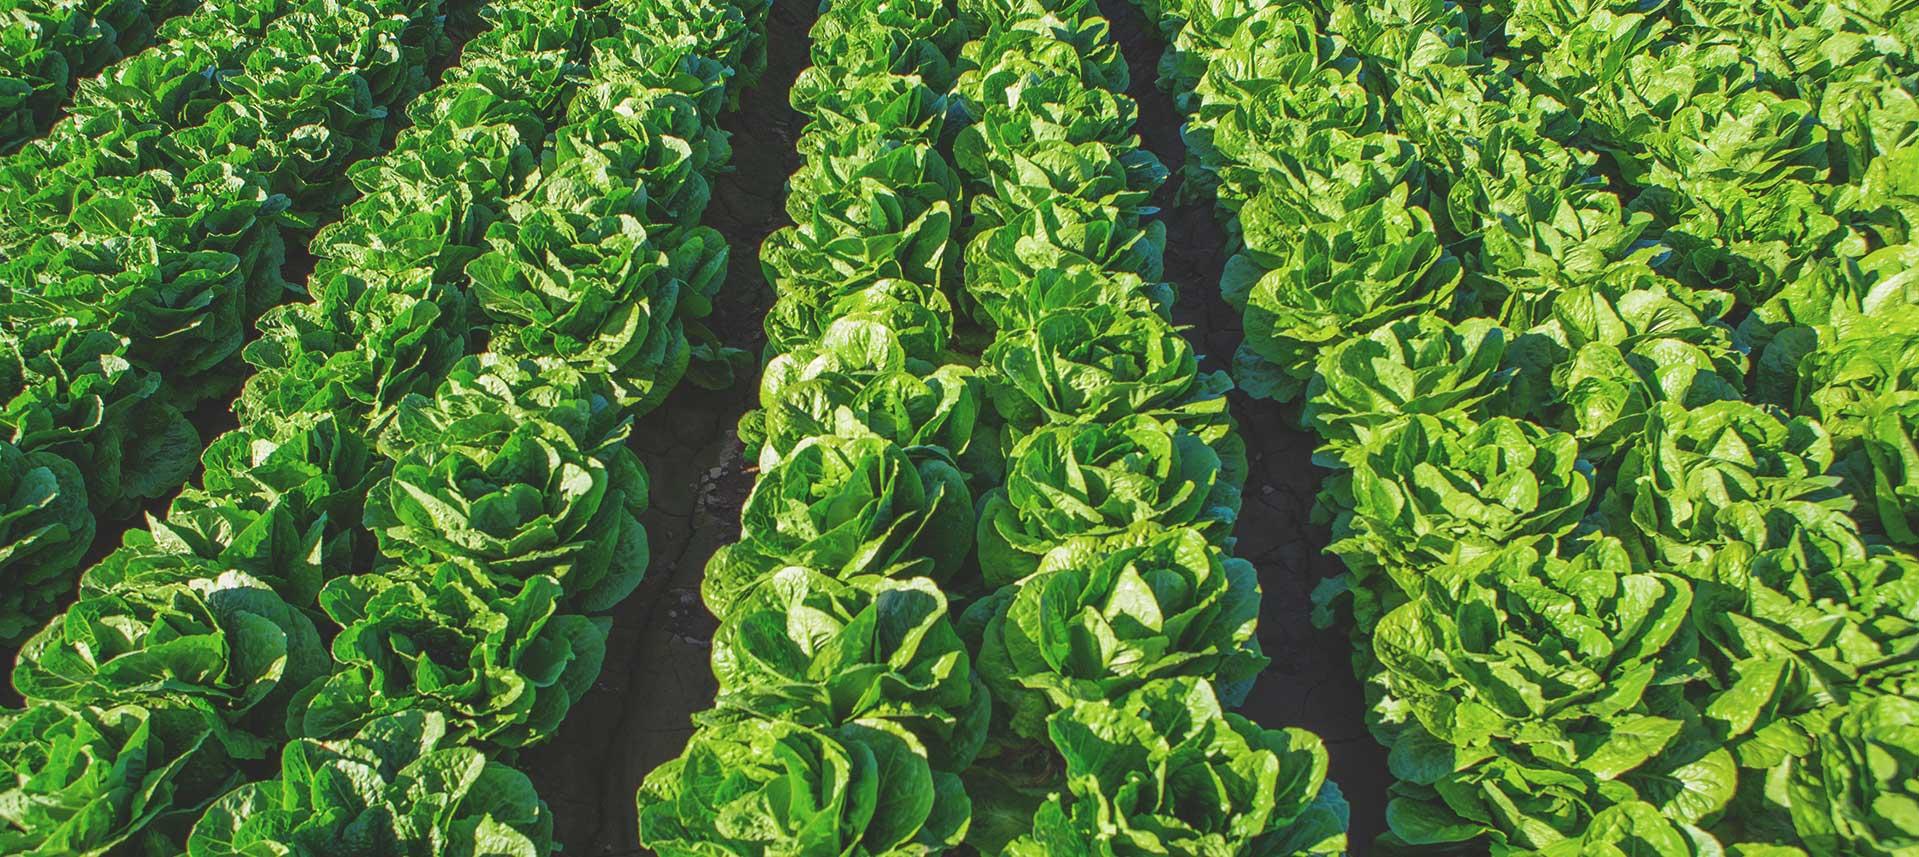 Romaine lettuce Yuma AZ